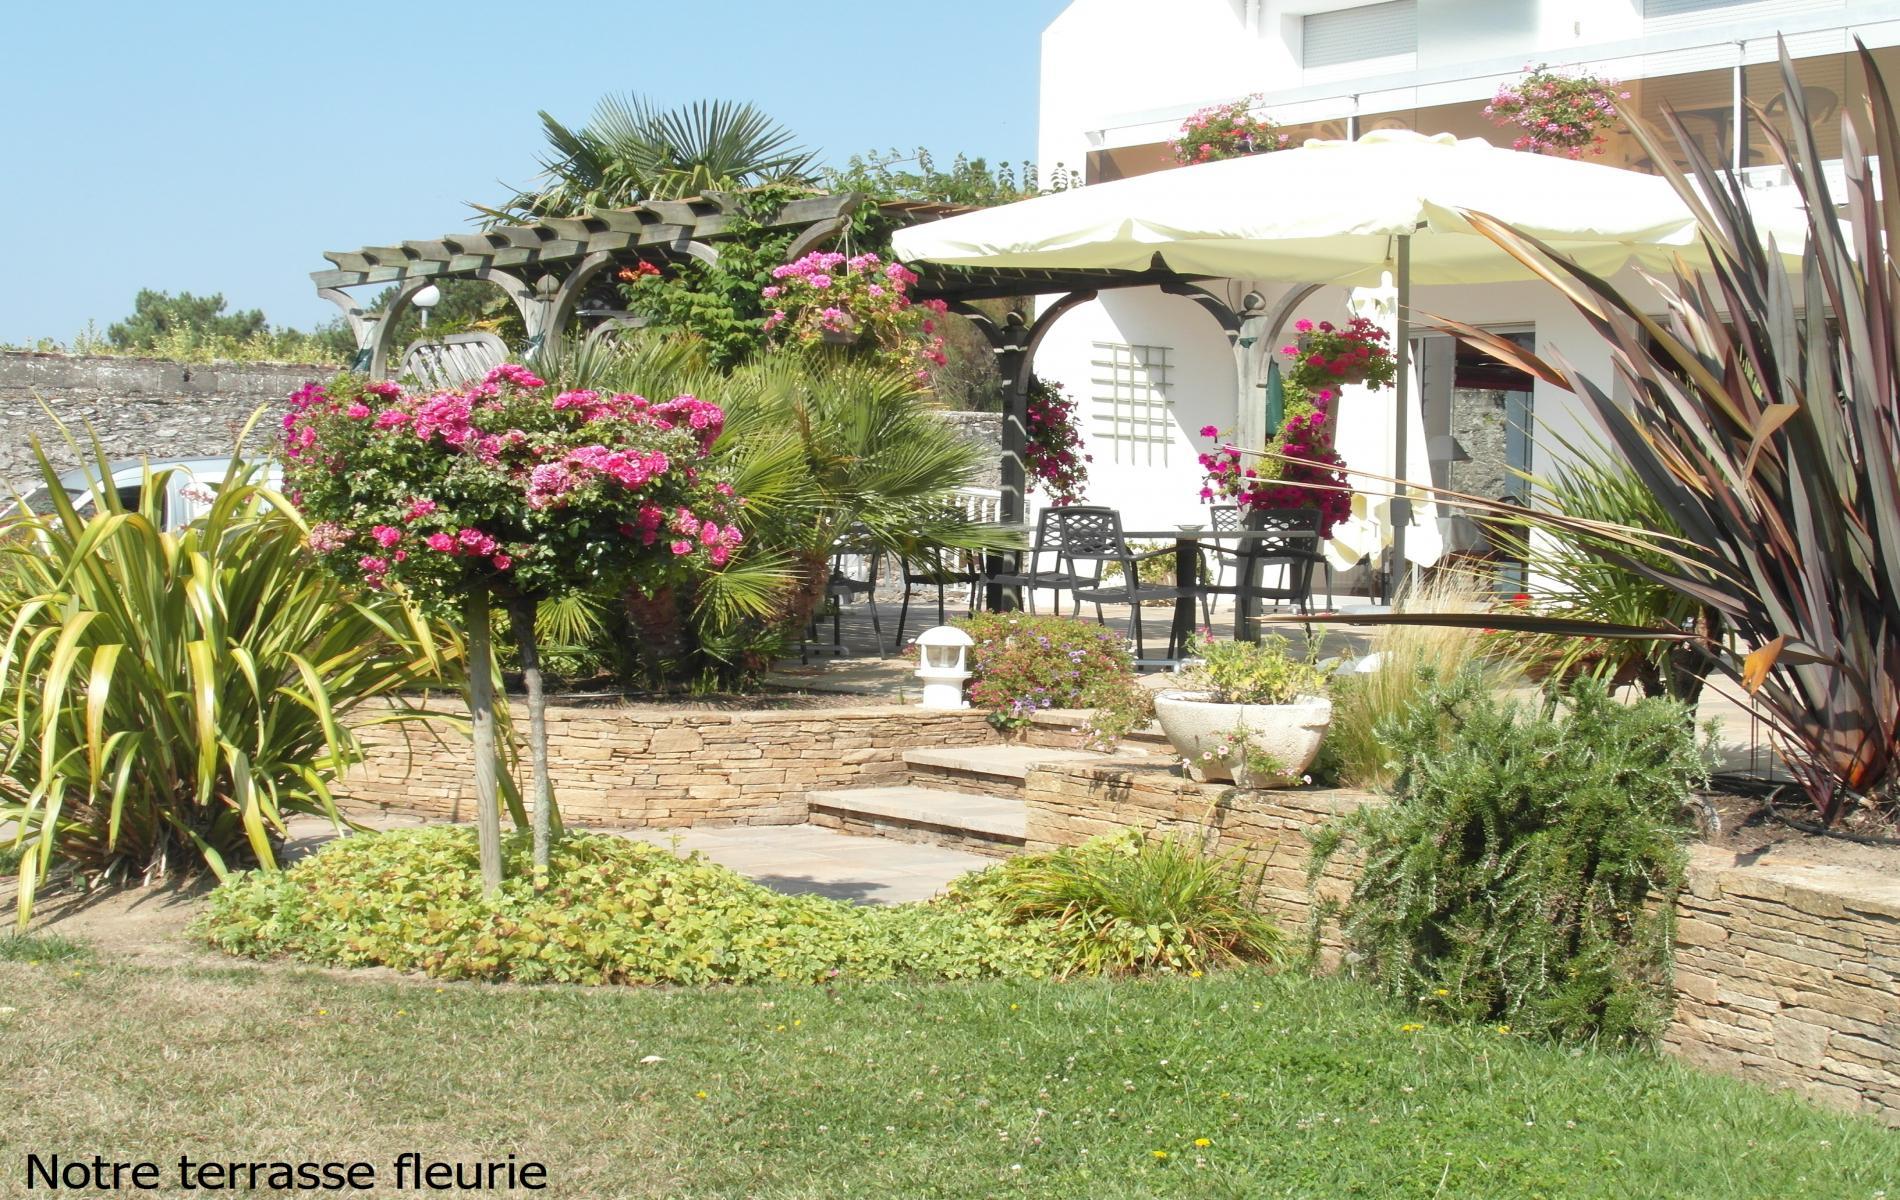 Terrasse de l'hôtel pour profiter du jardin